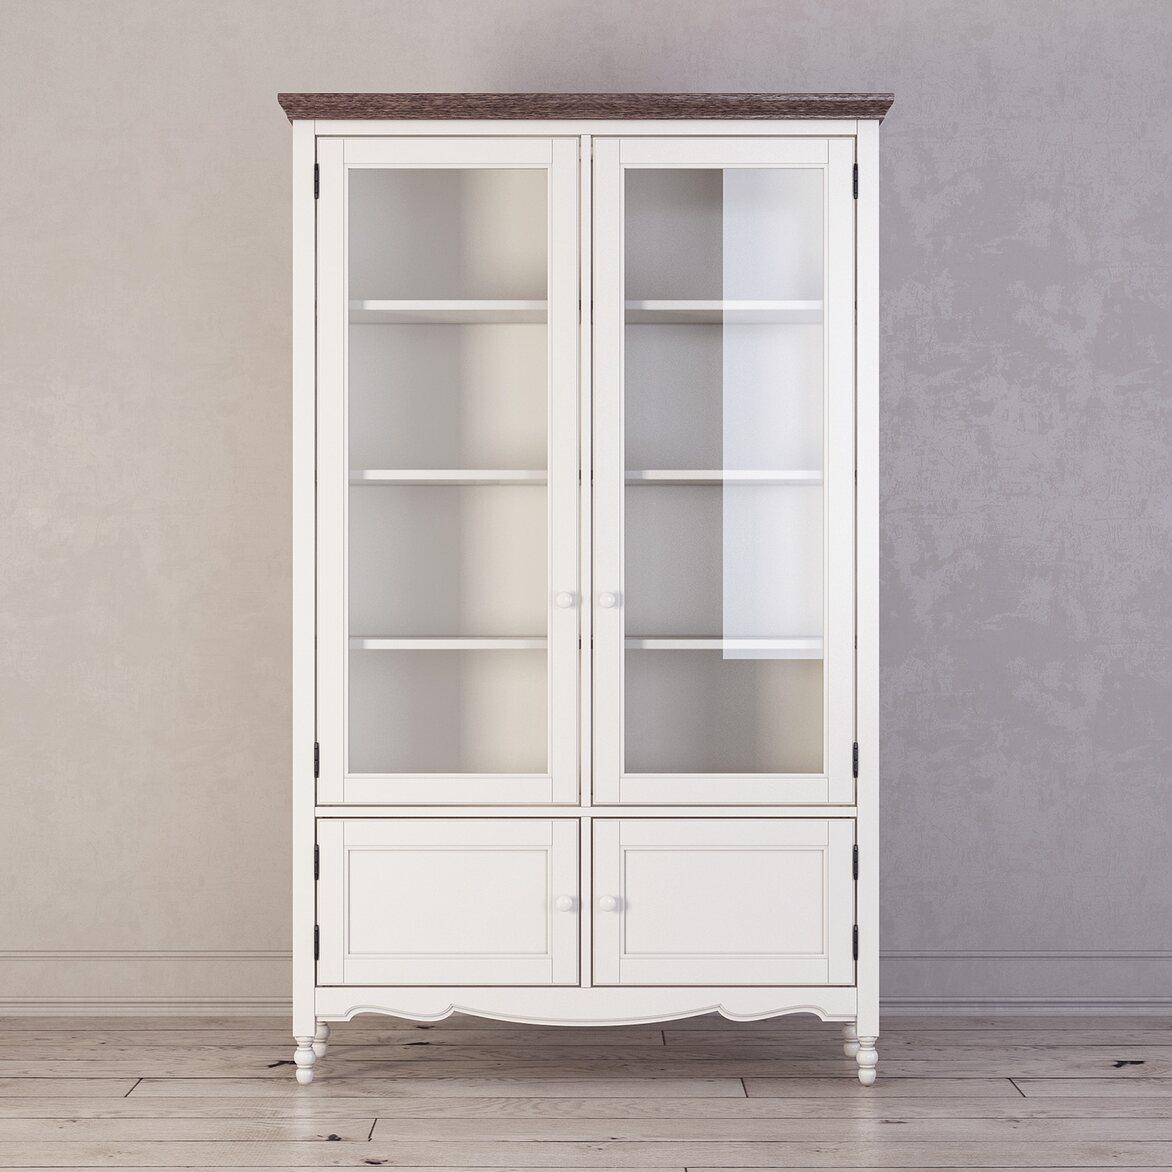 Библиотека Leblanc, белая | Книжные шкафы Kingsby